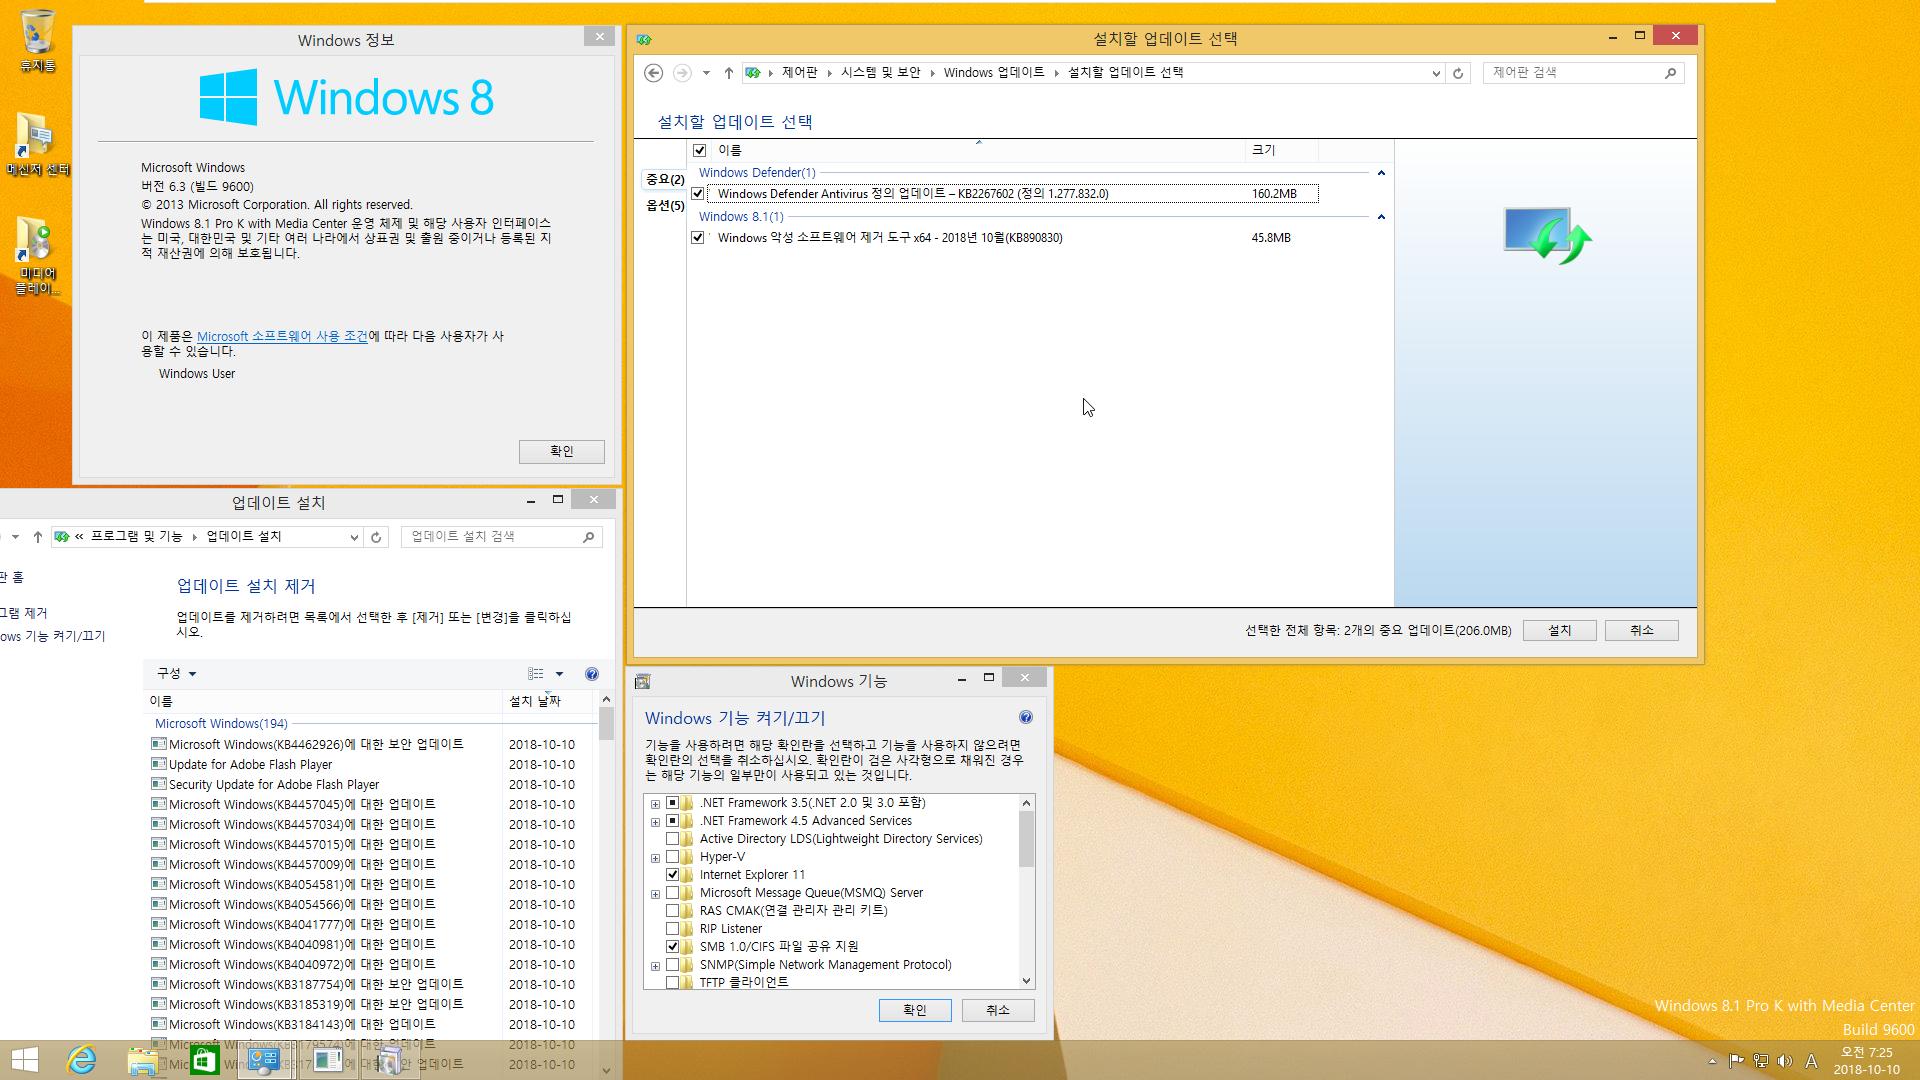 2018년 10월 10일 정기 업데이트 나왔네요 - Windows 8.1 롤업 업데이트 KB4462926 (OS 빌드 9600.19155) 통합중 입니다 2018-10-10_072520.png